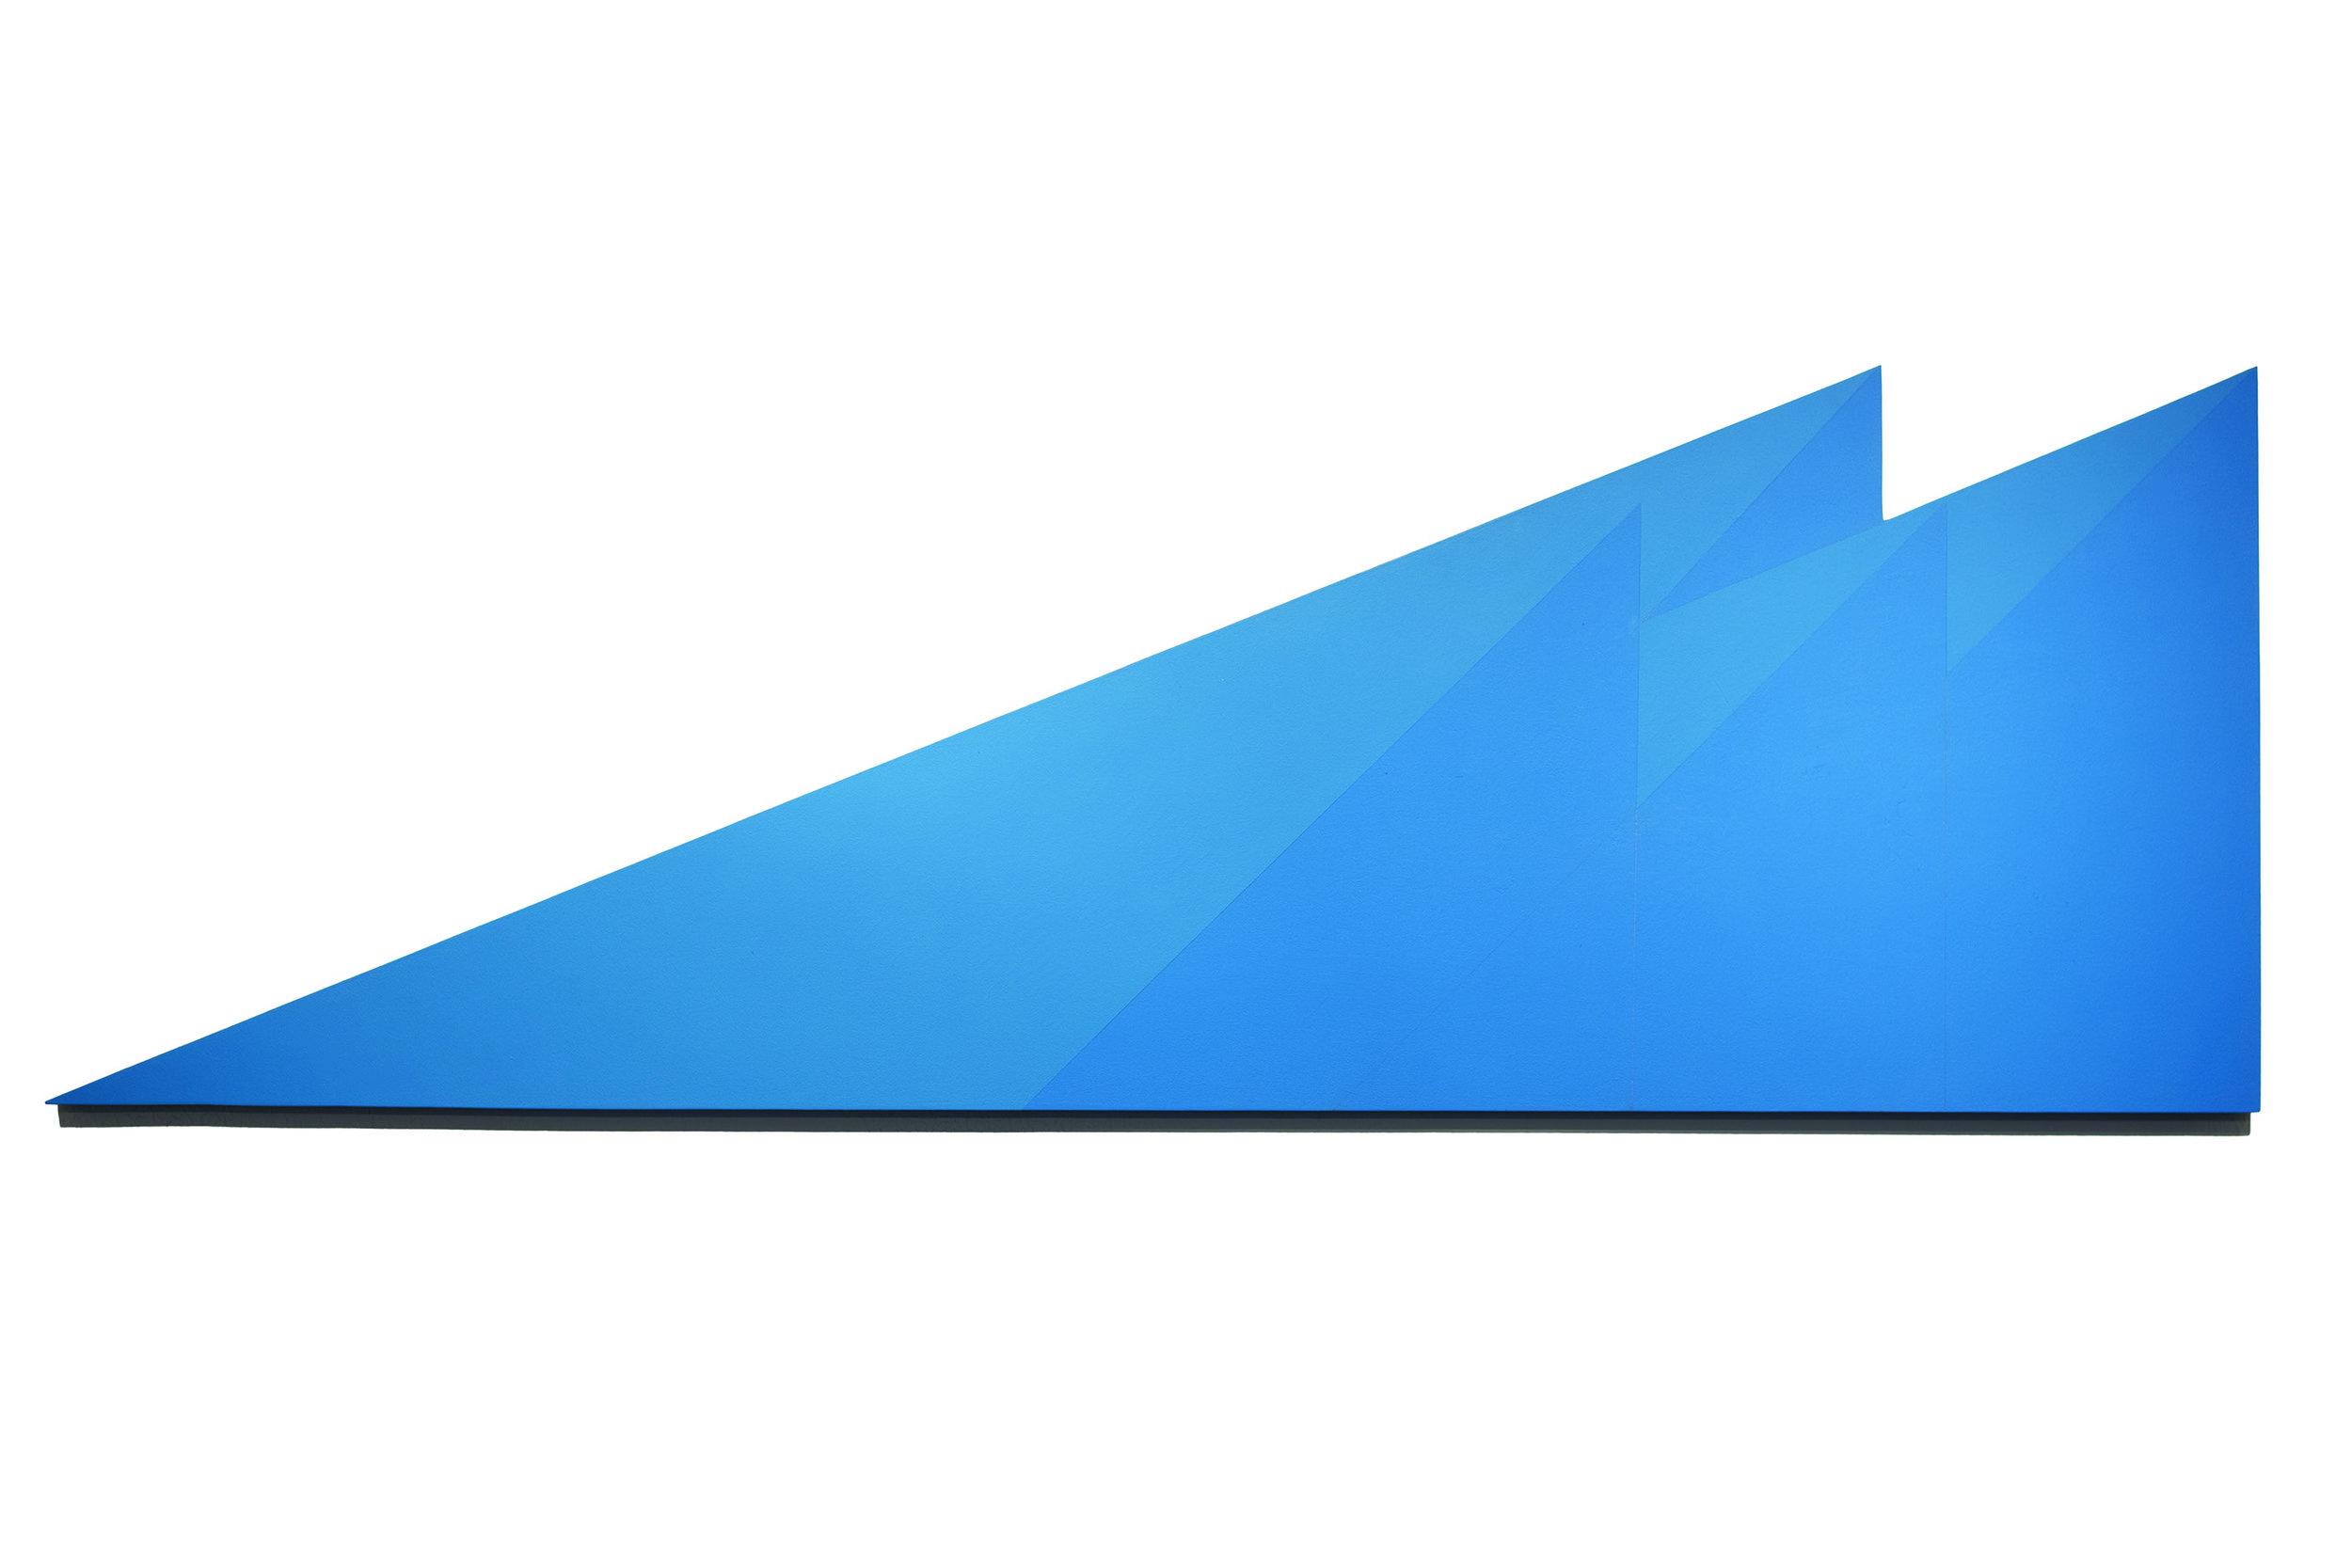 Moore_Blue_Roofs.jpg